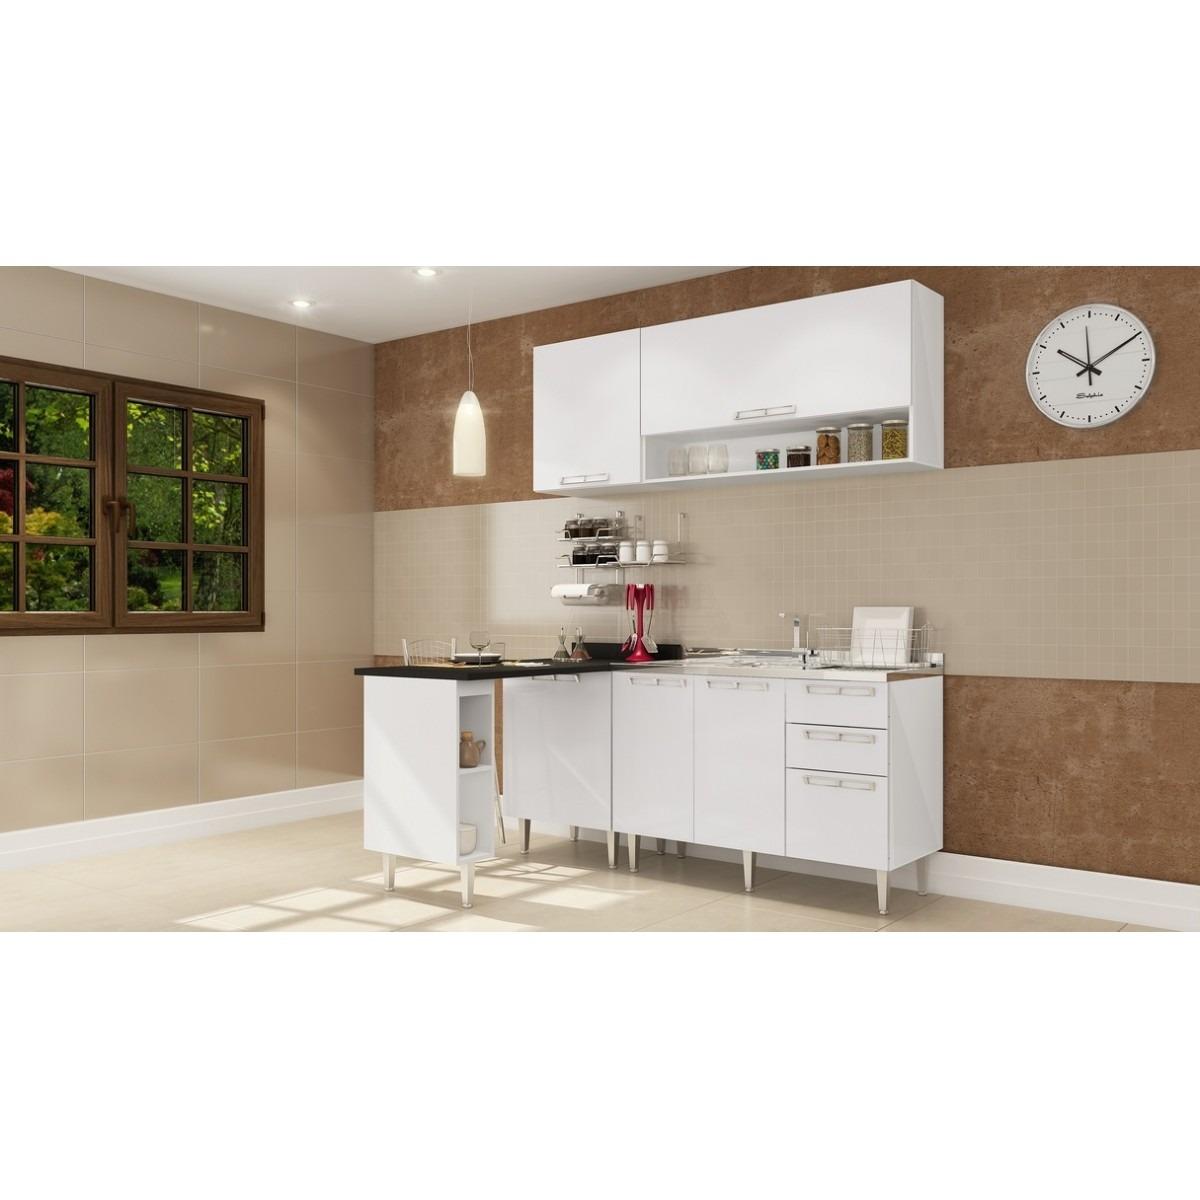 Cozinha Modulada Completa 05 Pe As V Rias Cores Mia Coccina R